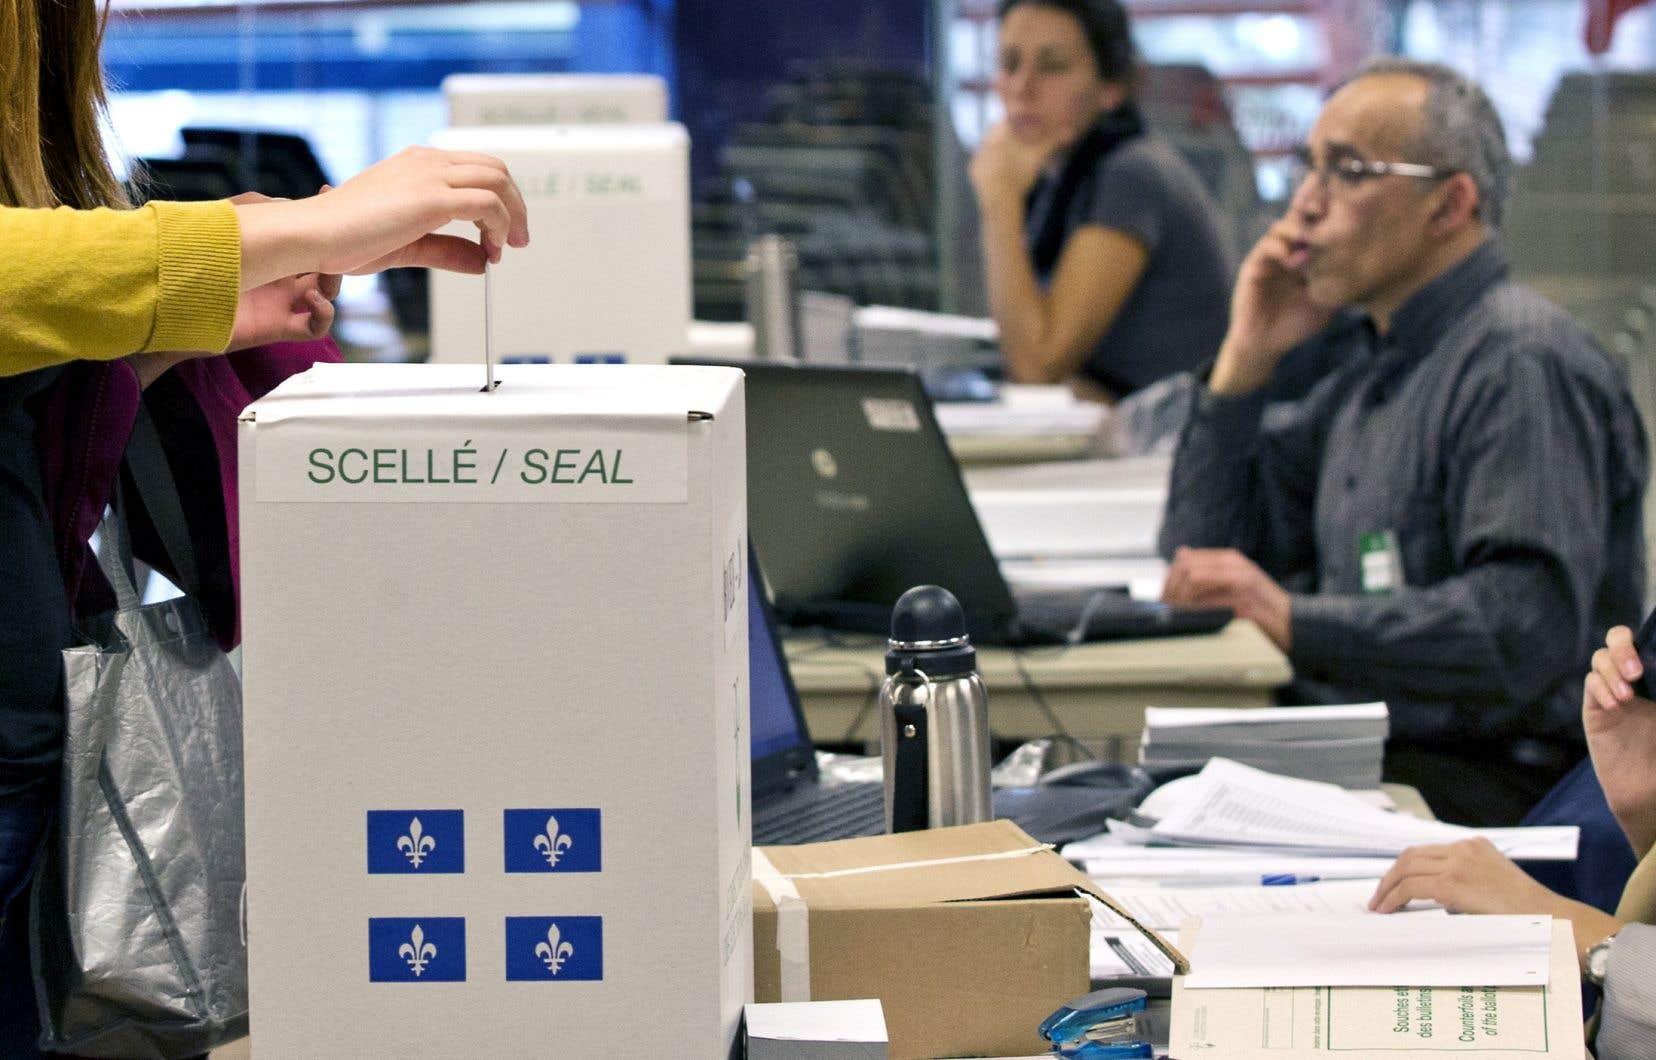 Élections Québec dit fonctionner à «plein régime» pour compléter les préparatifs électoraux.